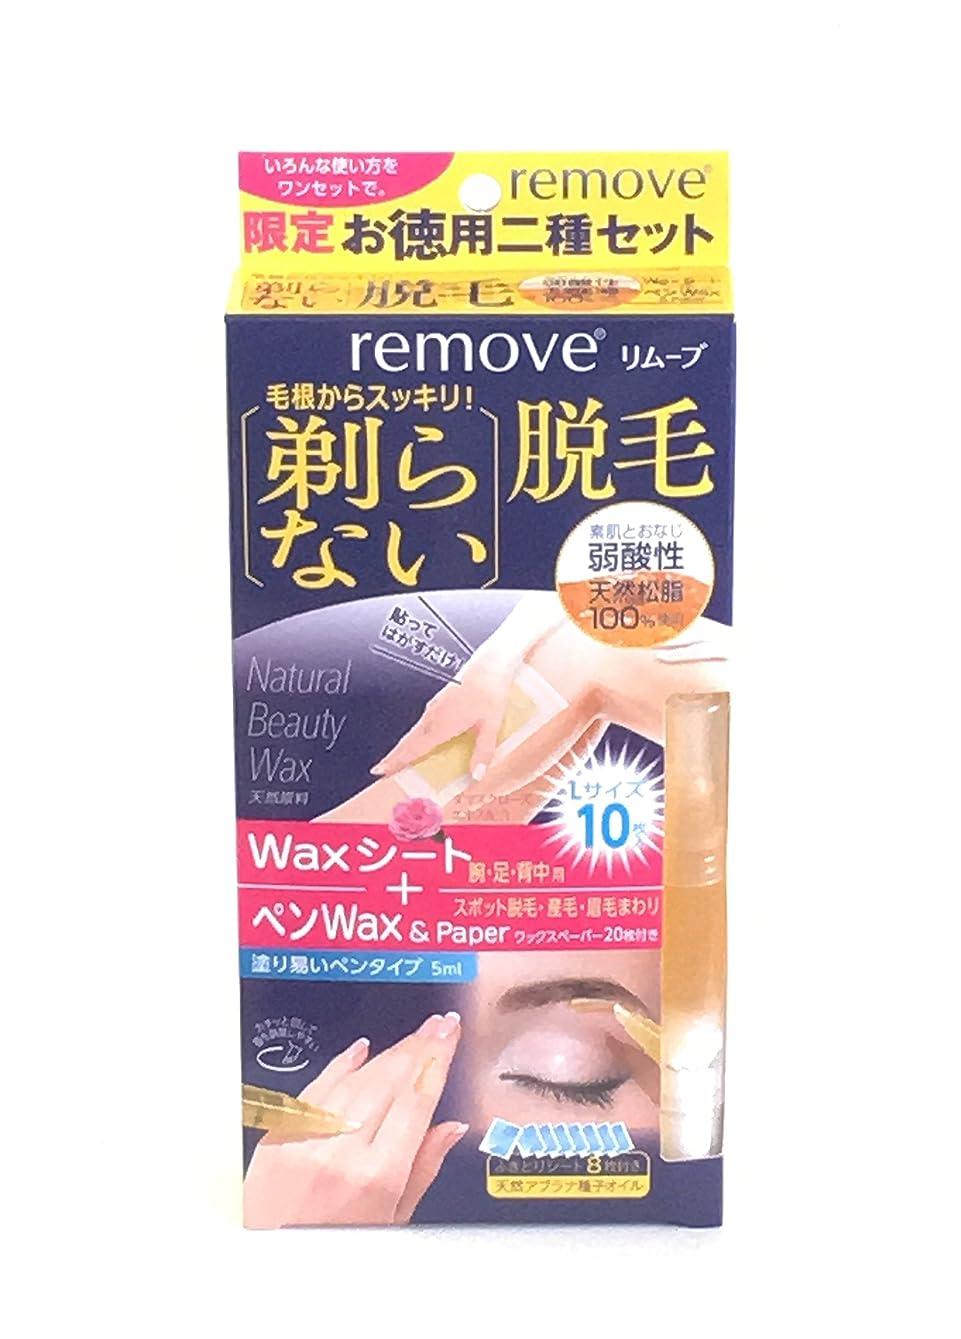 非公式代数的発掘するリムーブ 剃らない脱毛 二種ワックスセット (ペンワックス 5ml、ワックスシート 10枚)